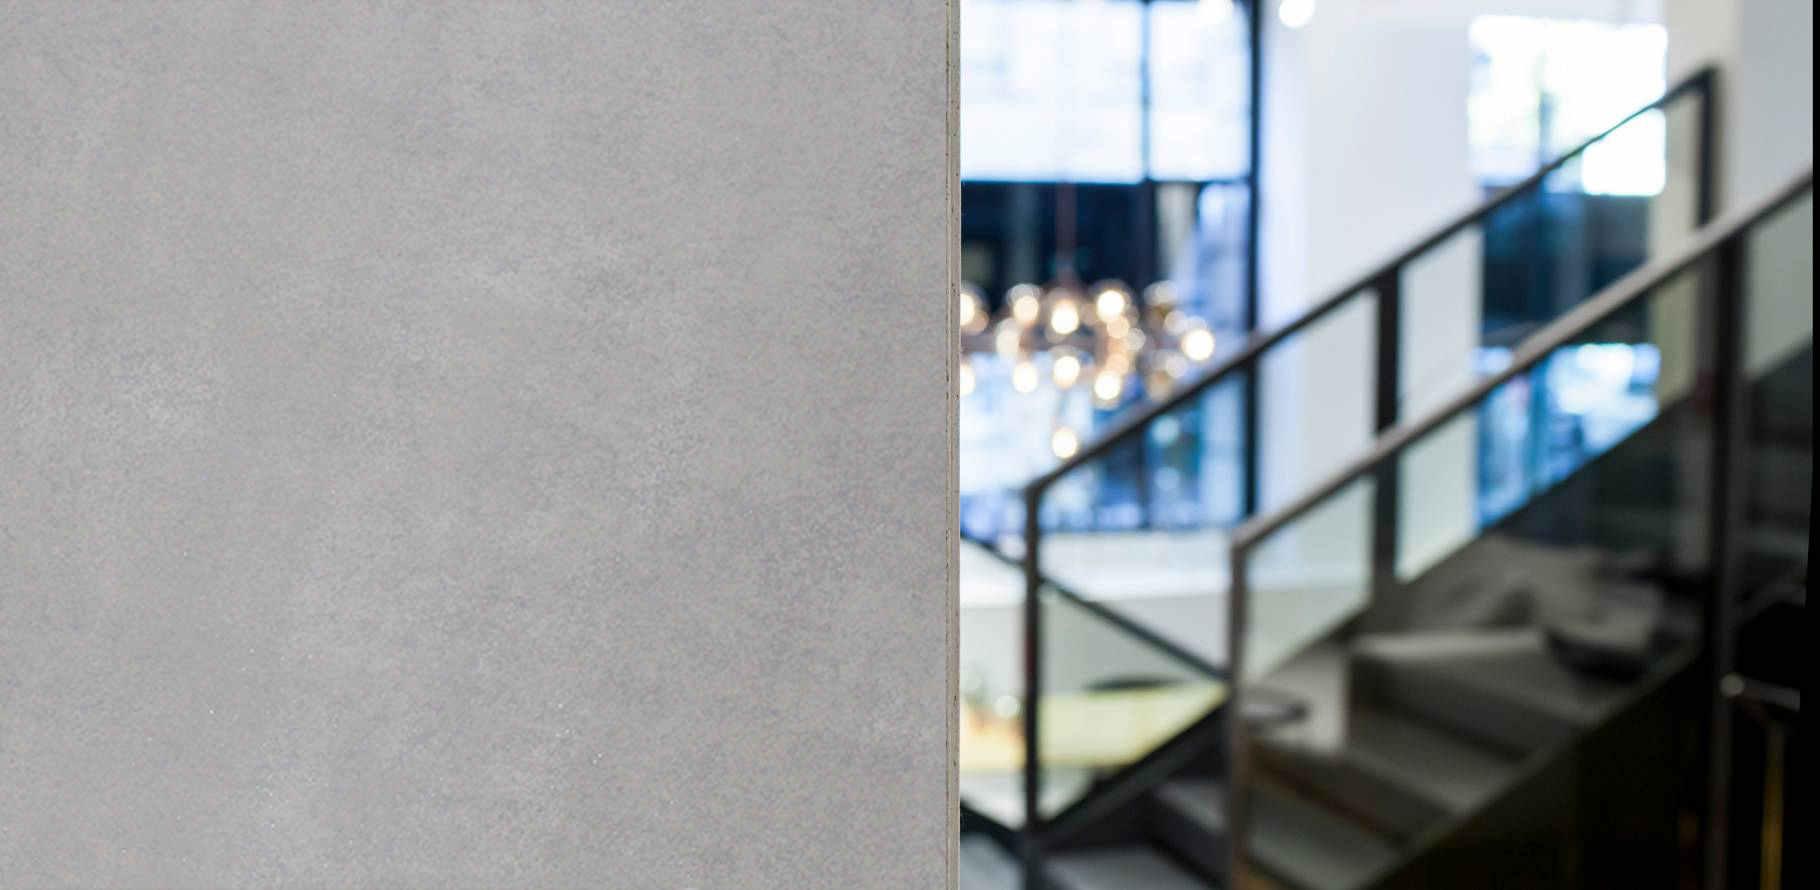 清水混凝土挂板的价格构成及知识分享